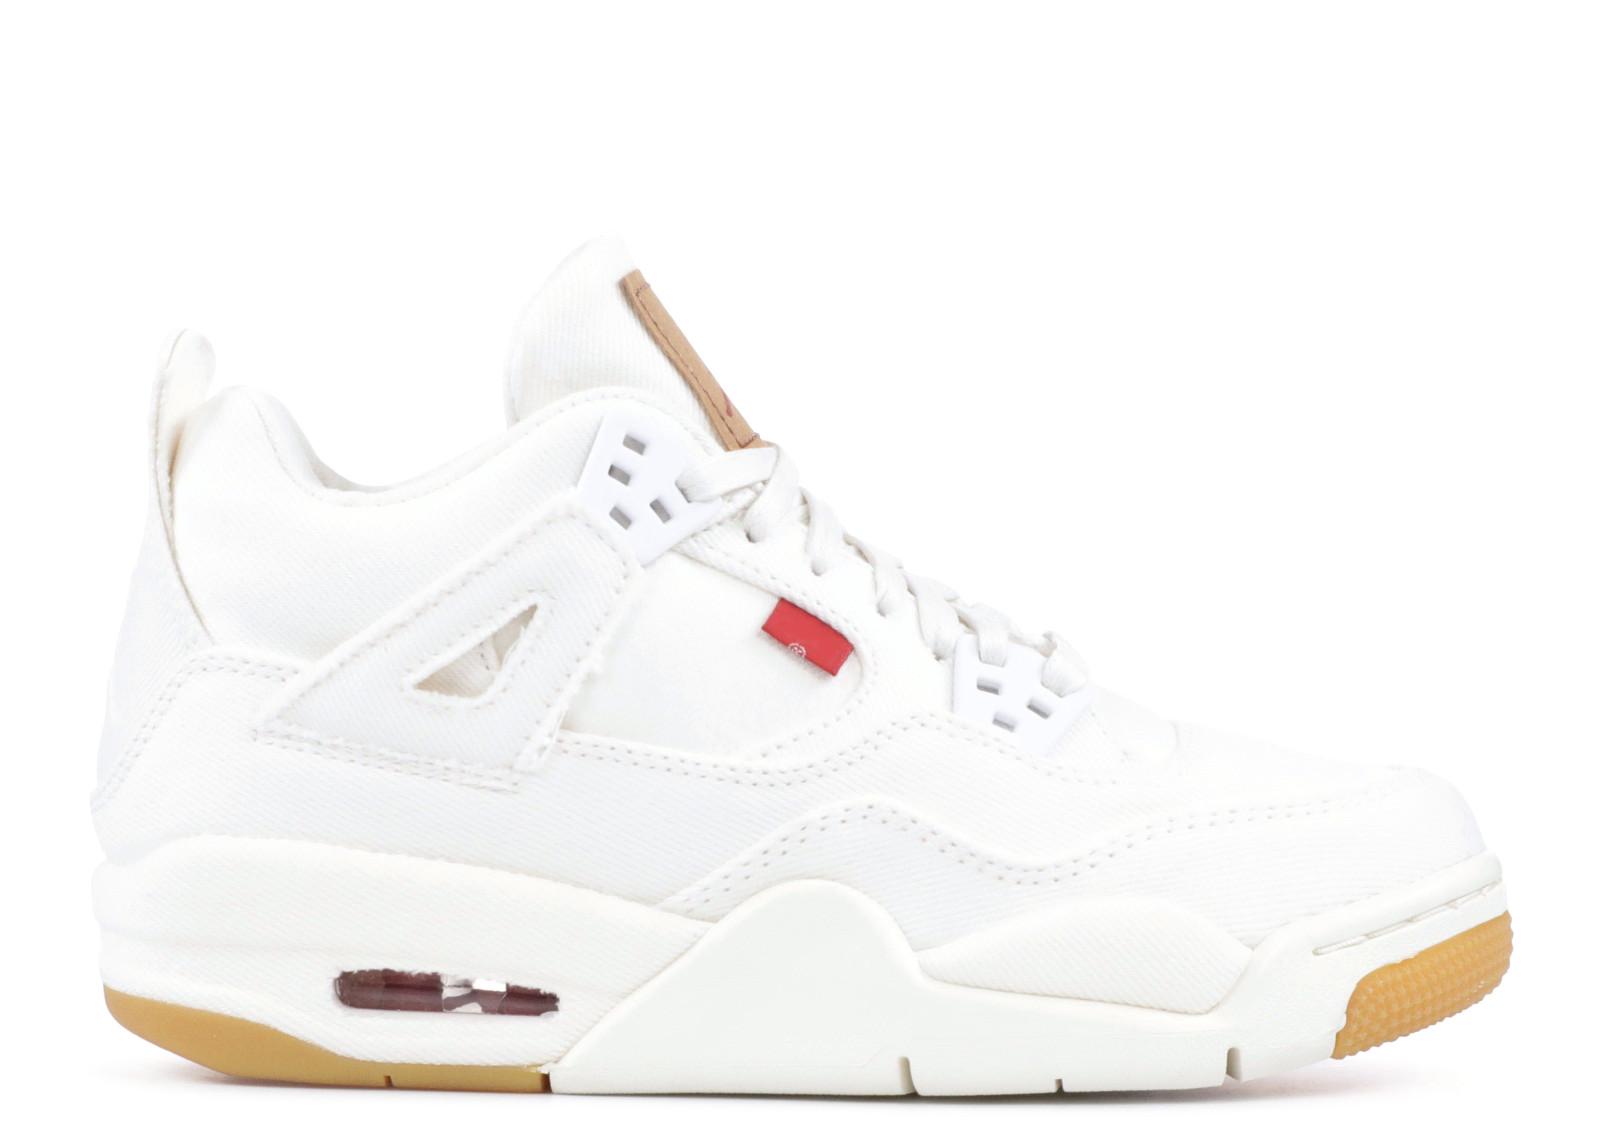 Jordan 4 Retro Levi's White (GS) (Blank Tag)